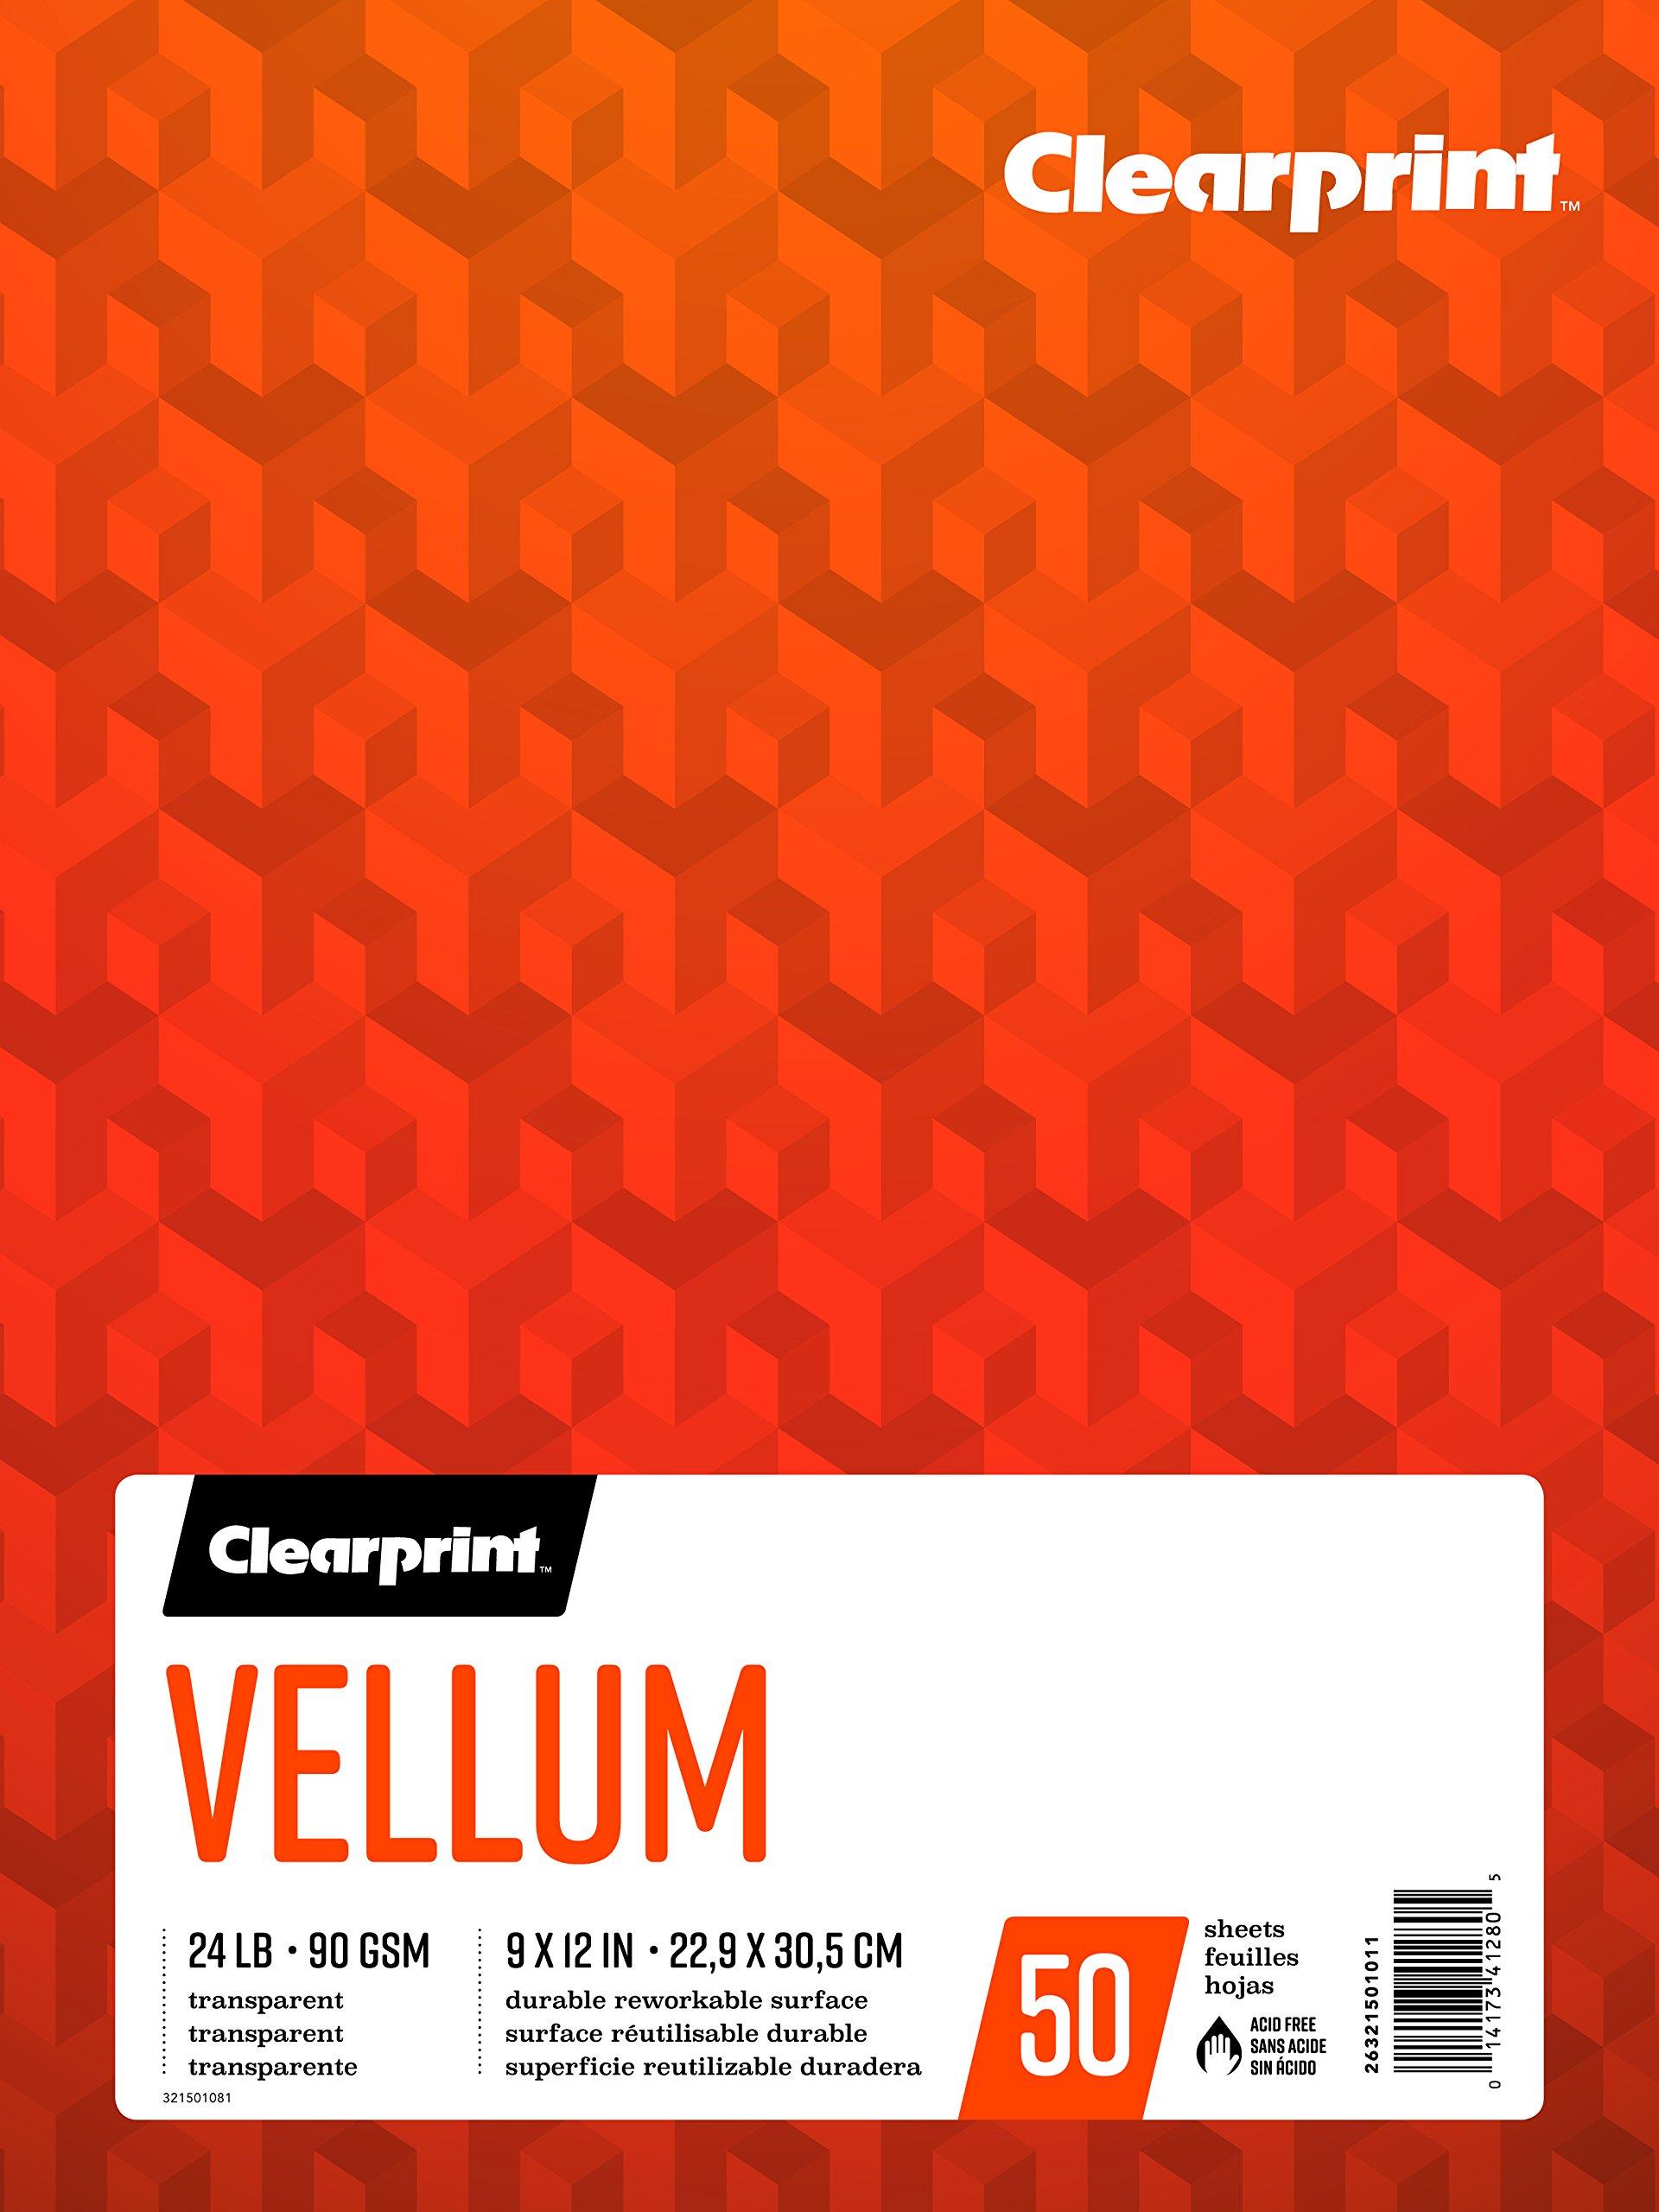 Clearprint Vellum Pad, 24 LB, 90 GSM, 9 x 12 Inches, 50 Sheets Per Pad, 1 Each (26321501011)